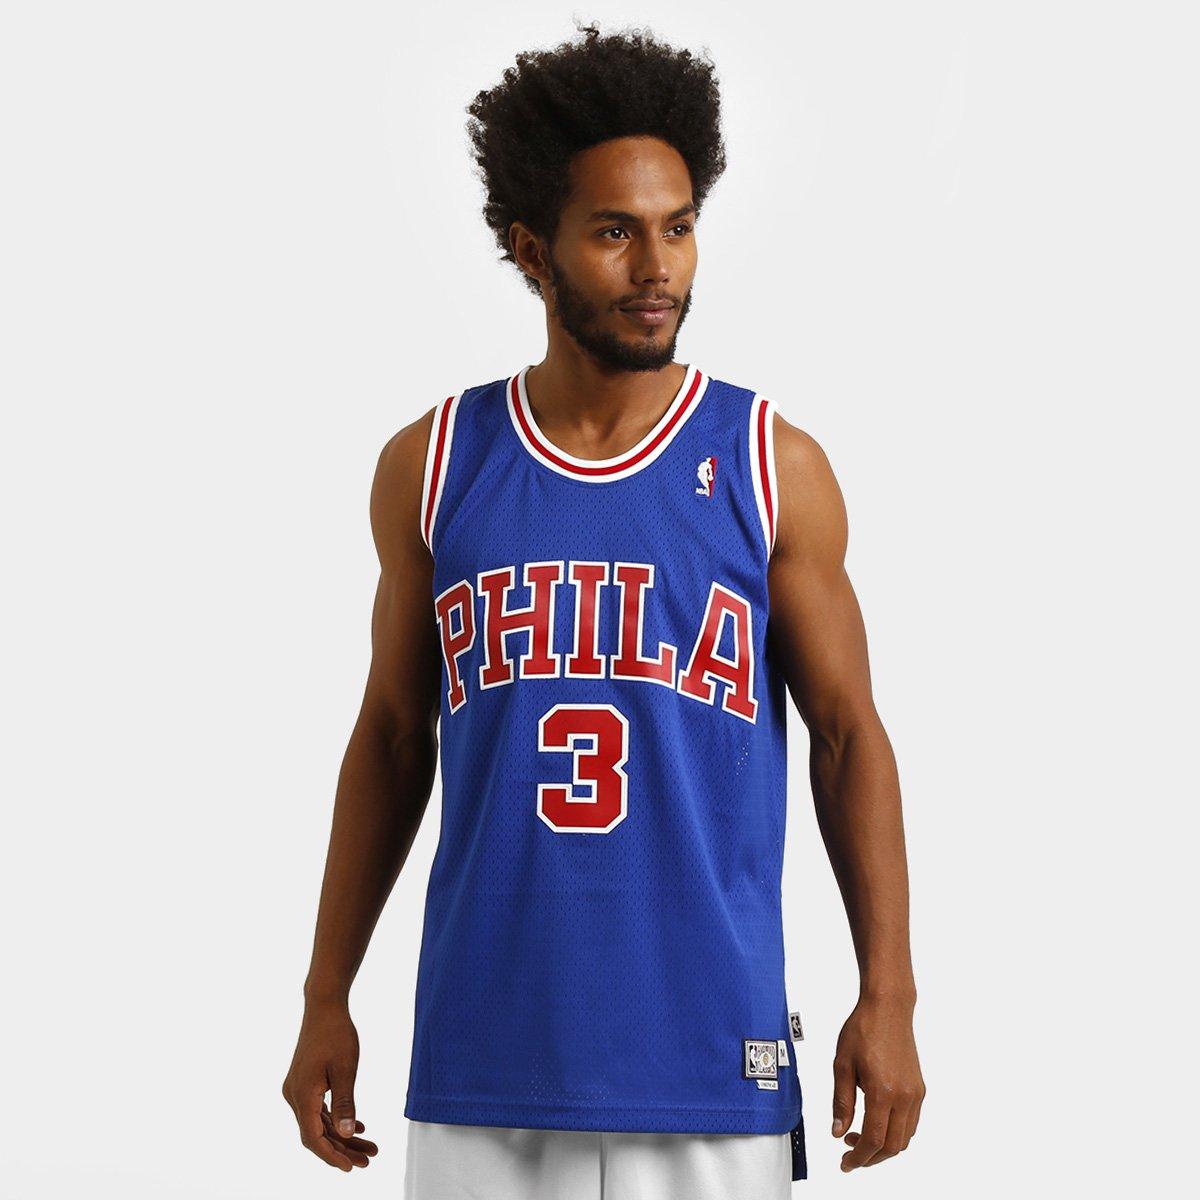 c3c1d741c7 Camiseta Regata Adidas NBA Retired Philadelphia 76Ers - Iverson ...